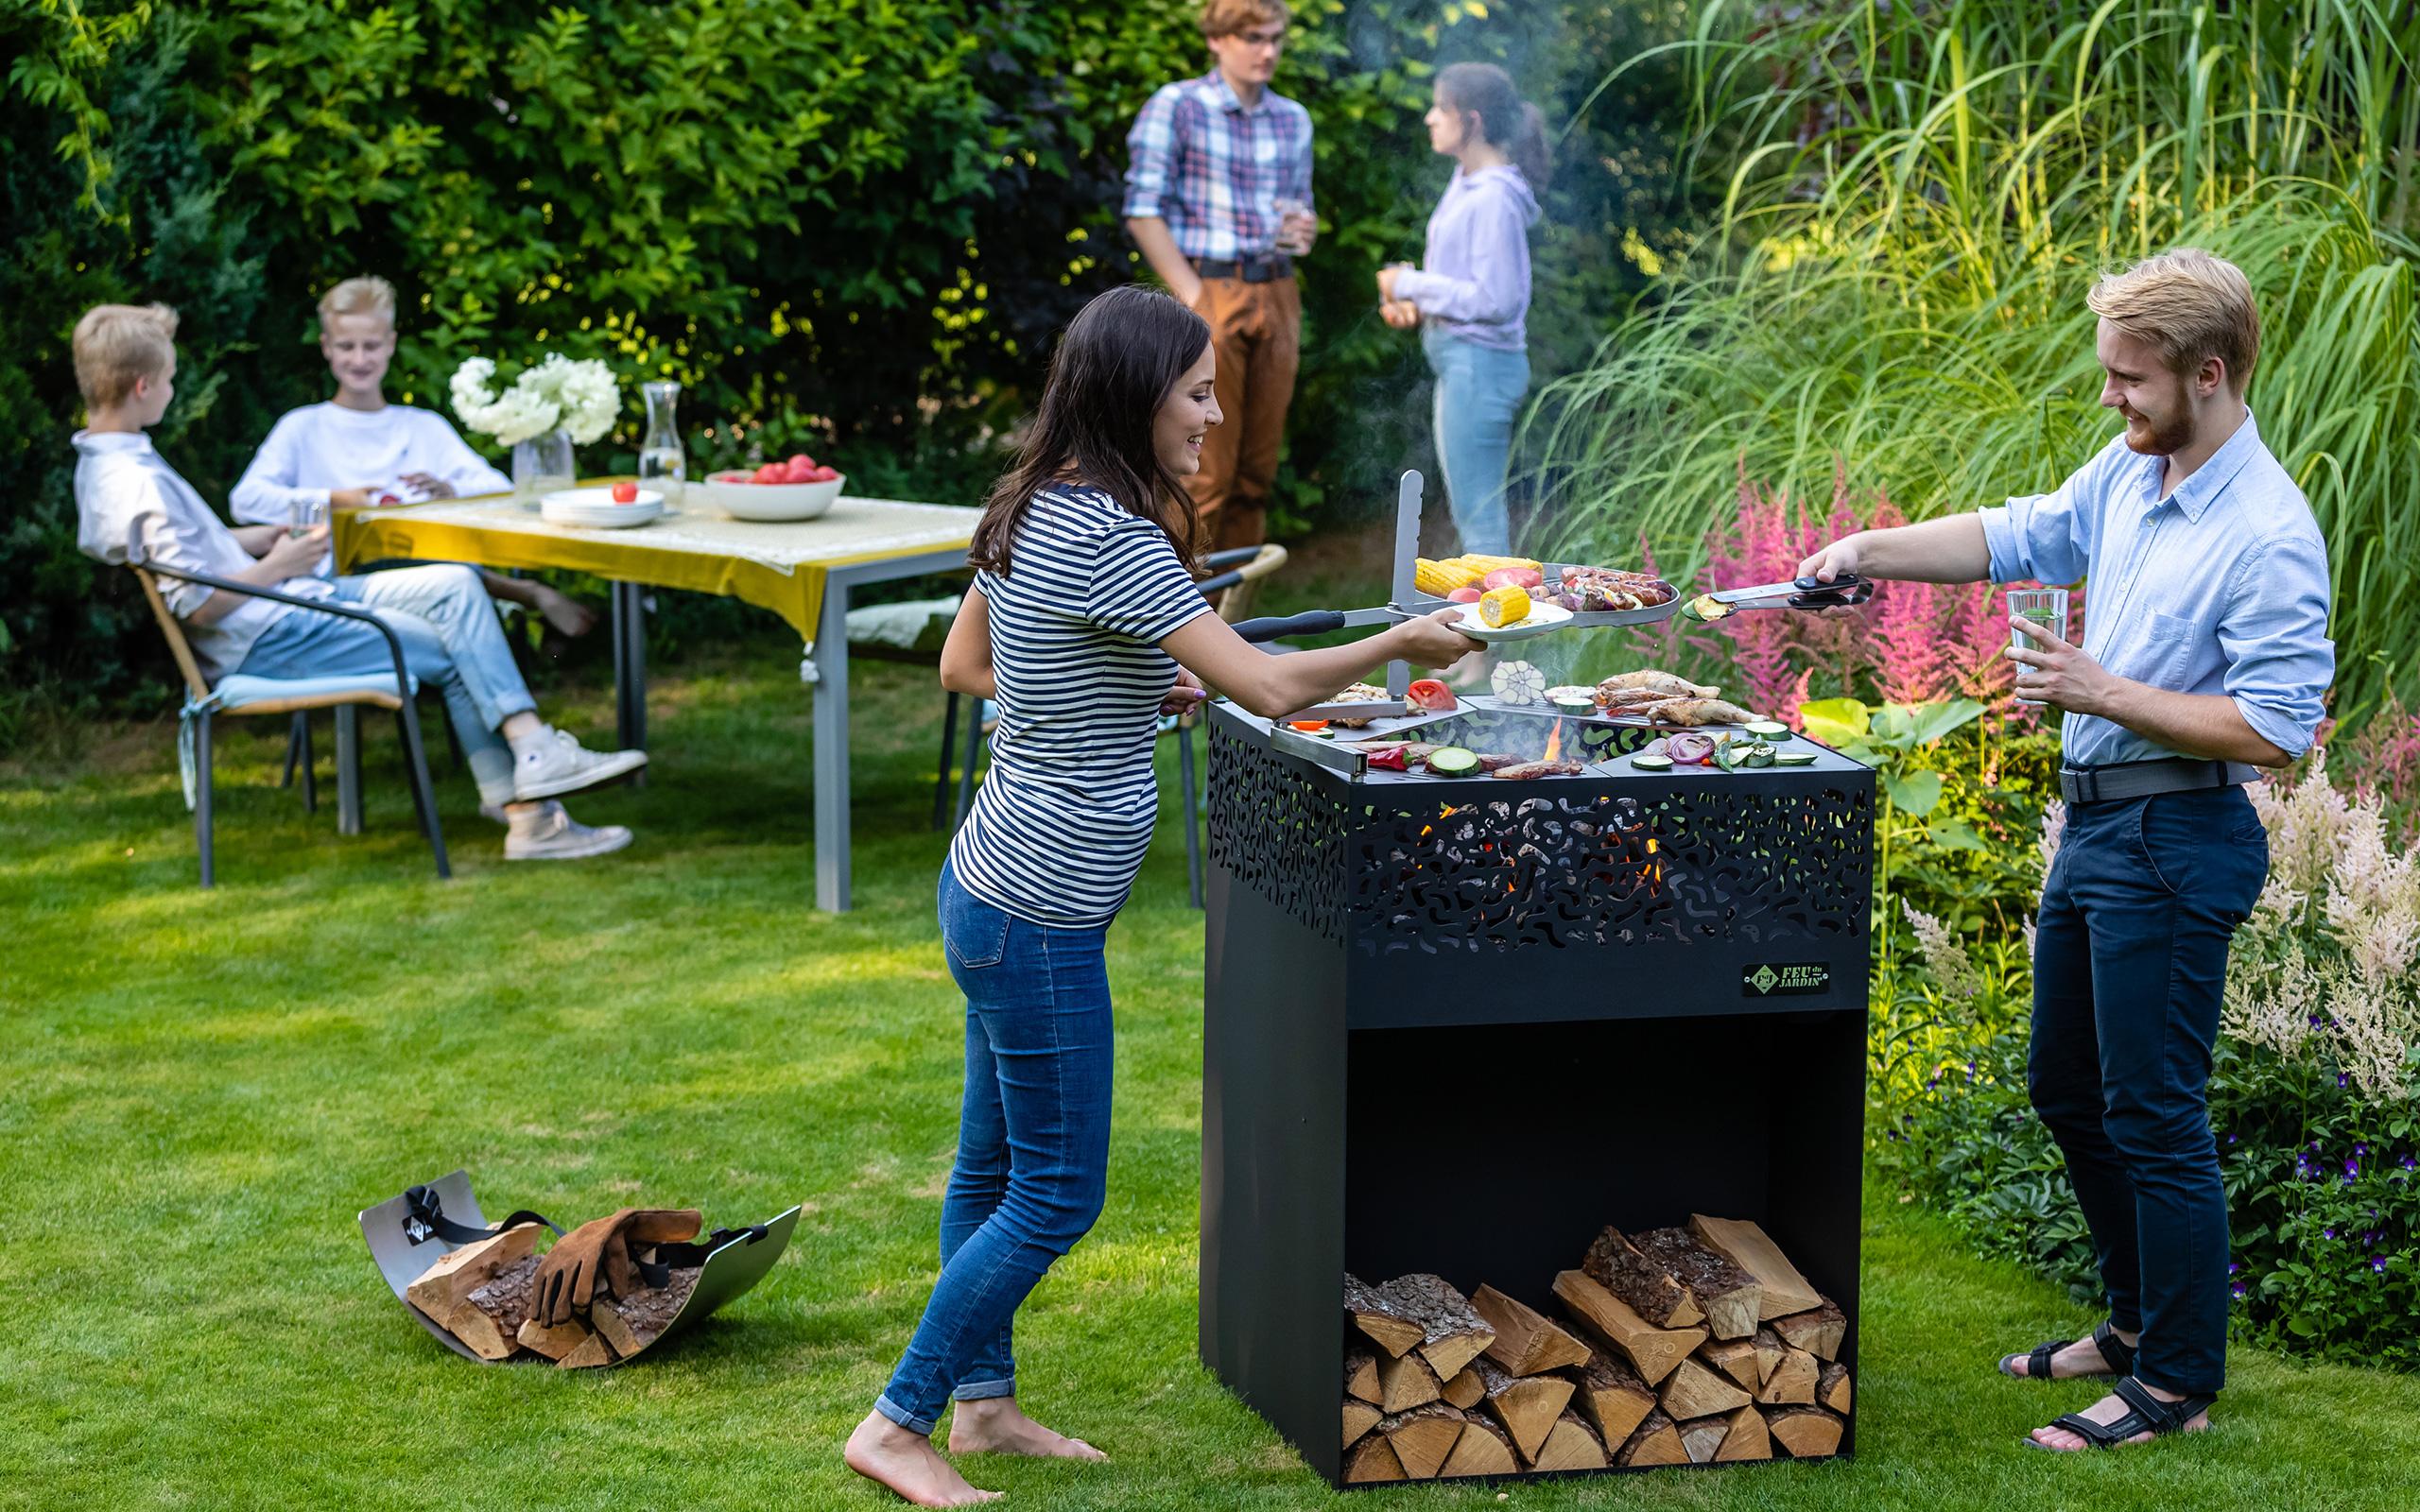 Grillieren mit Freunden im Garten - Feu du Jardin Feuerschalen